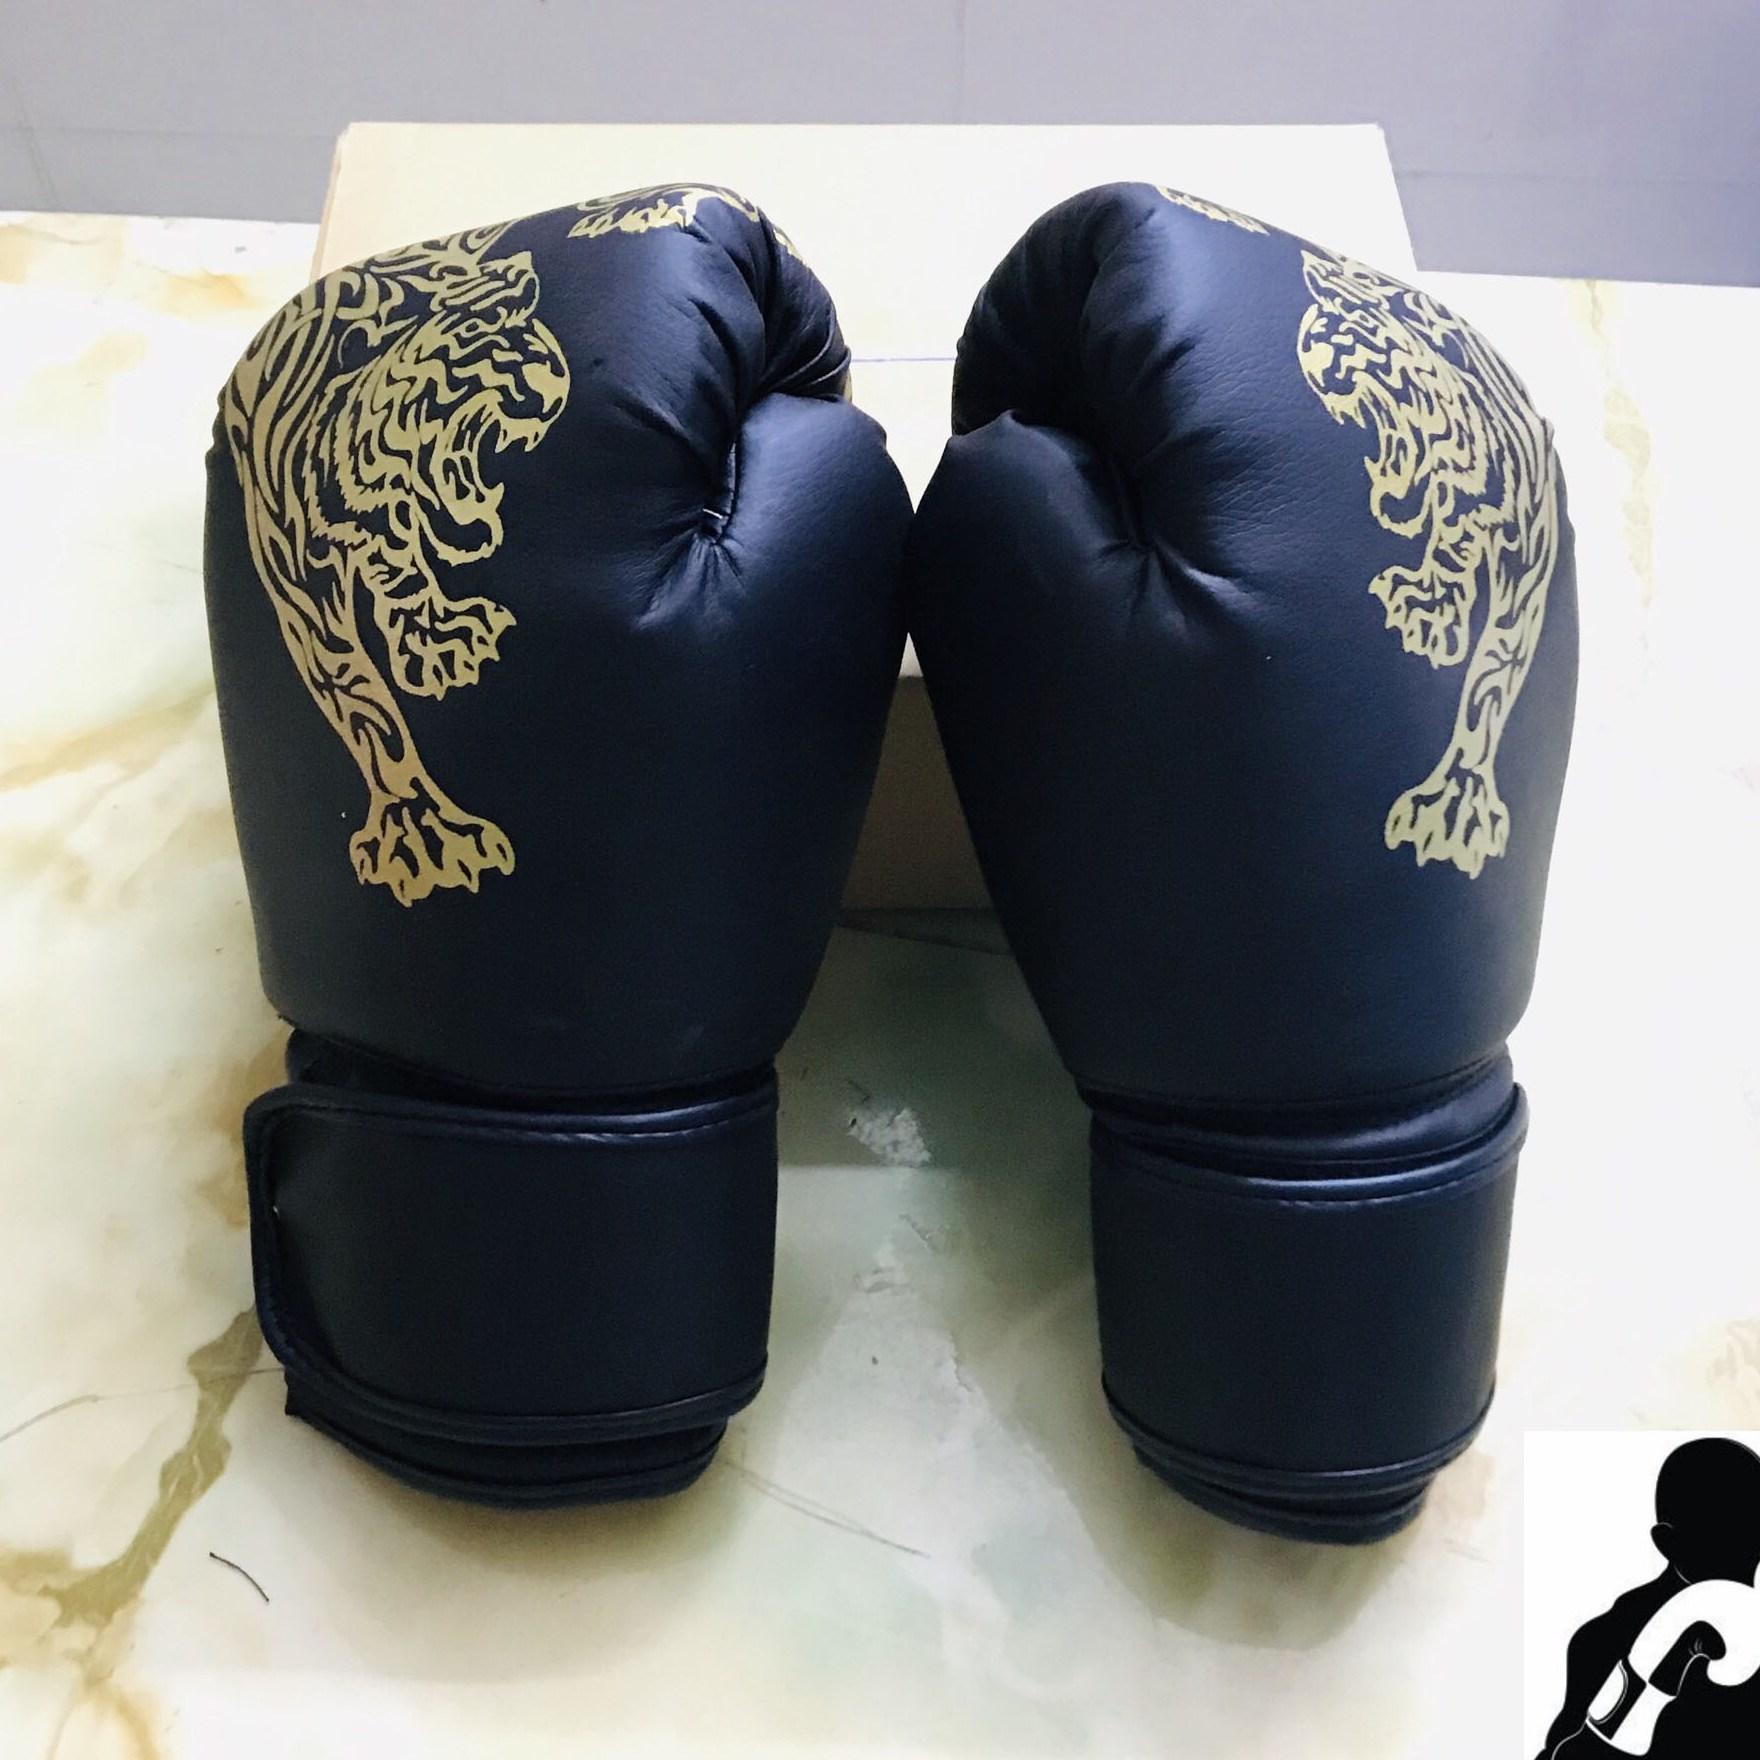 Găng Tay Đấm Bốc, Boxing Cho Người Lớn – Freesize  – Giá Hủy Diệt Giá Tốt Không Nên Bỏ Lỡ